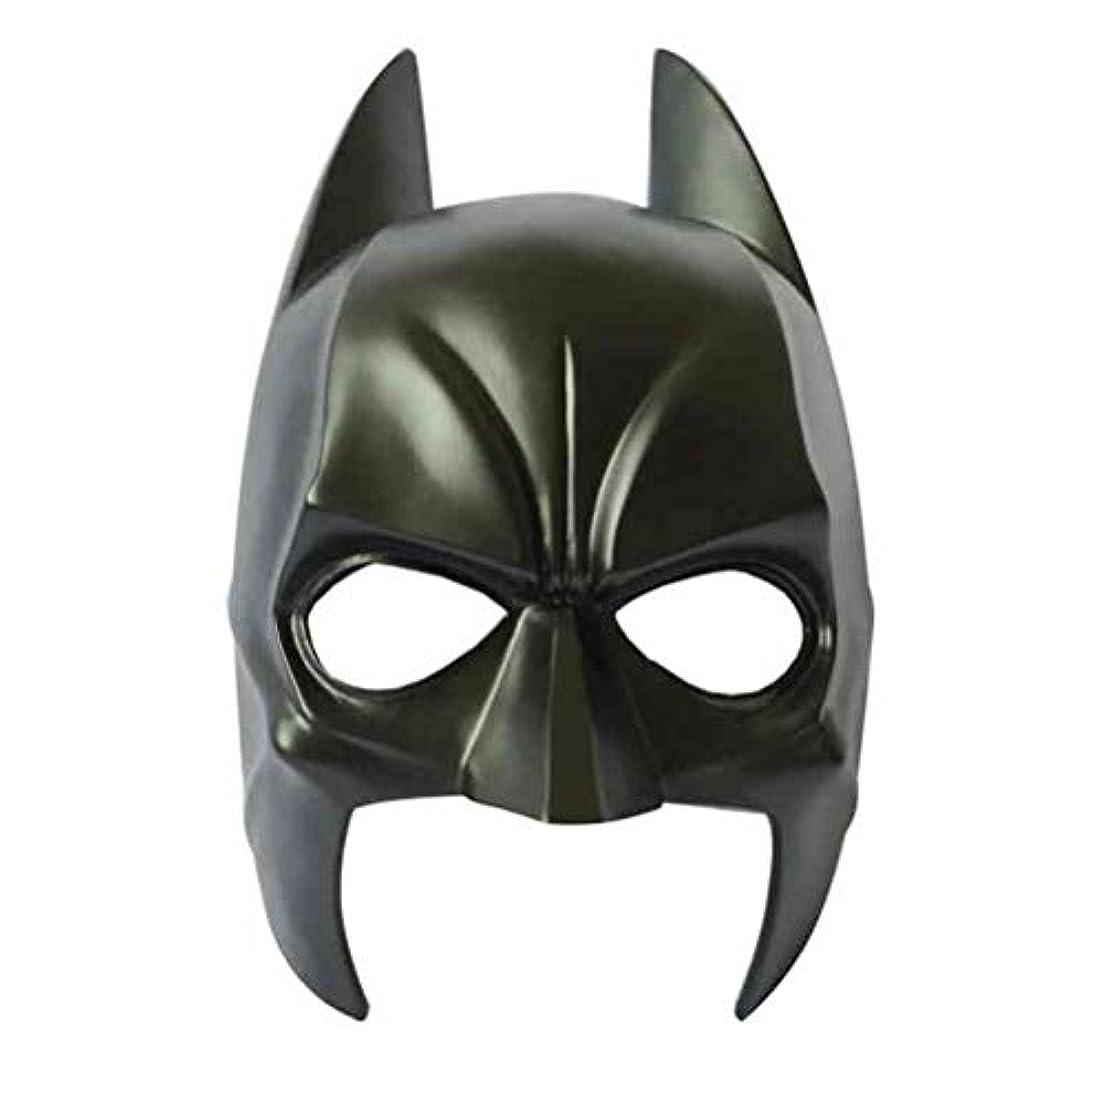 おもちゃ炭水化物受信機ハロウィンホラーバットマンマスクプロムヒーローヘルメットアニメマスク